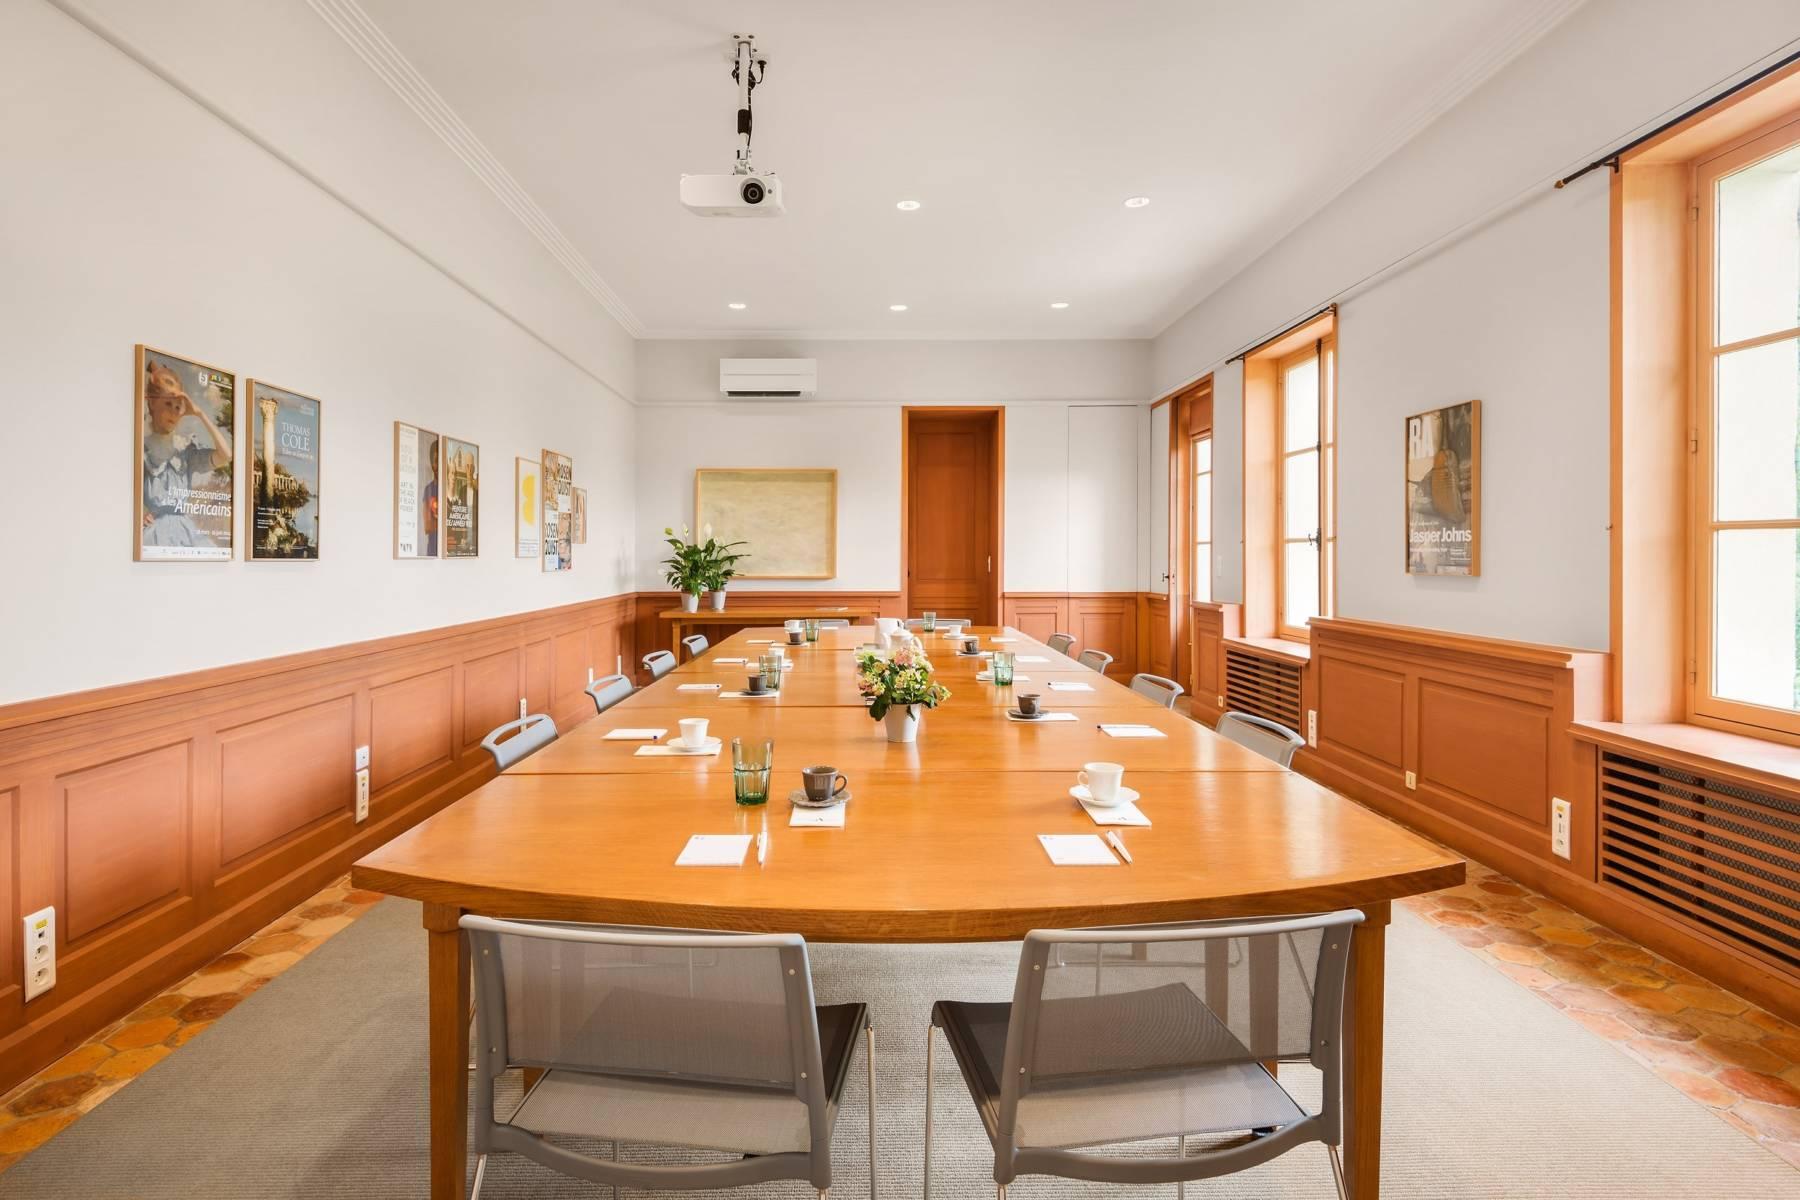 Votre réunion au Hameau, maison d'artistes à Giverny